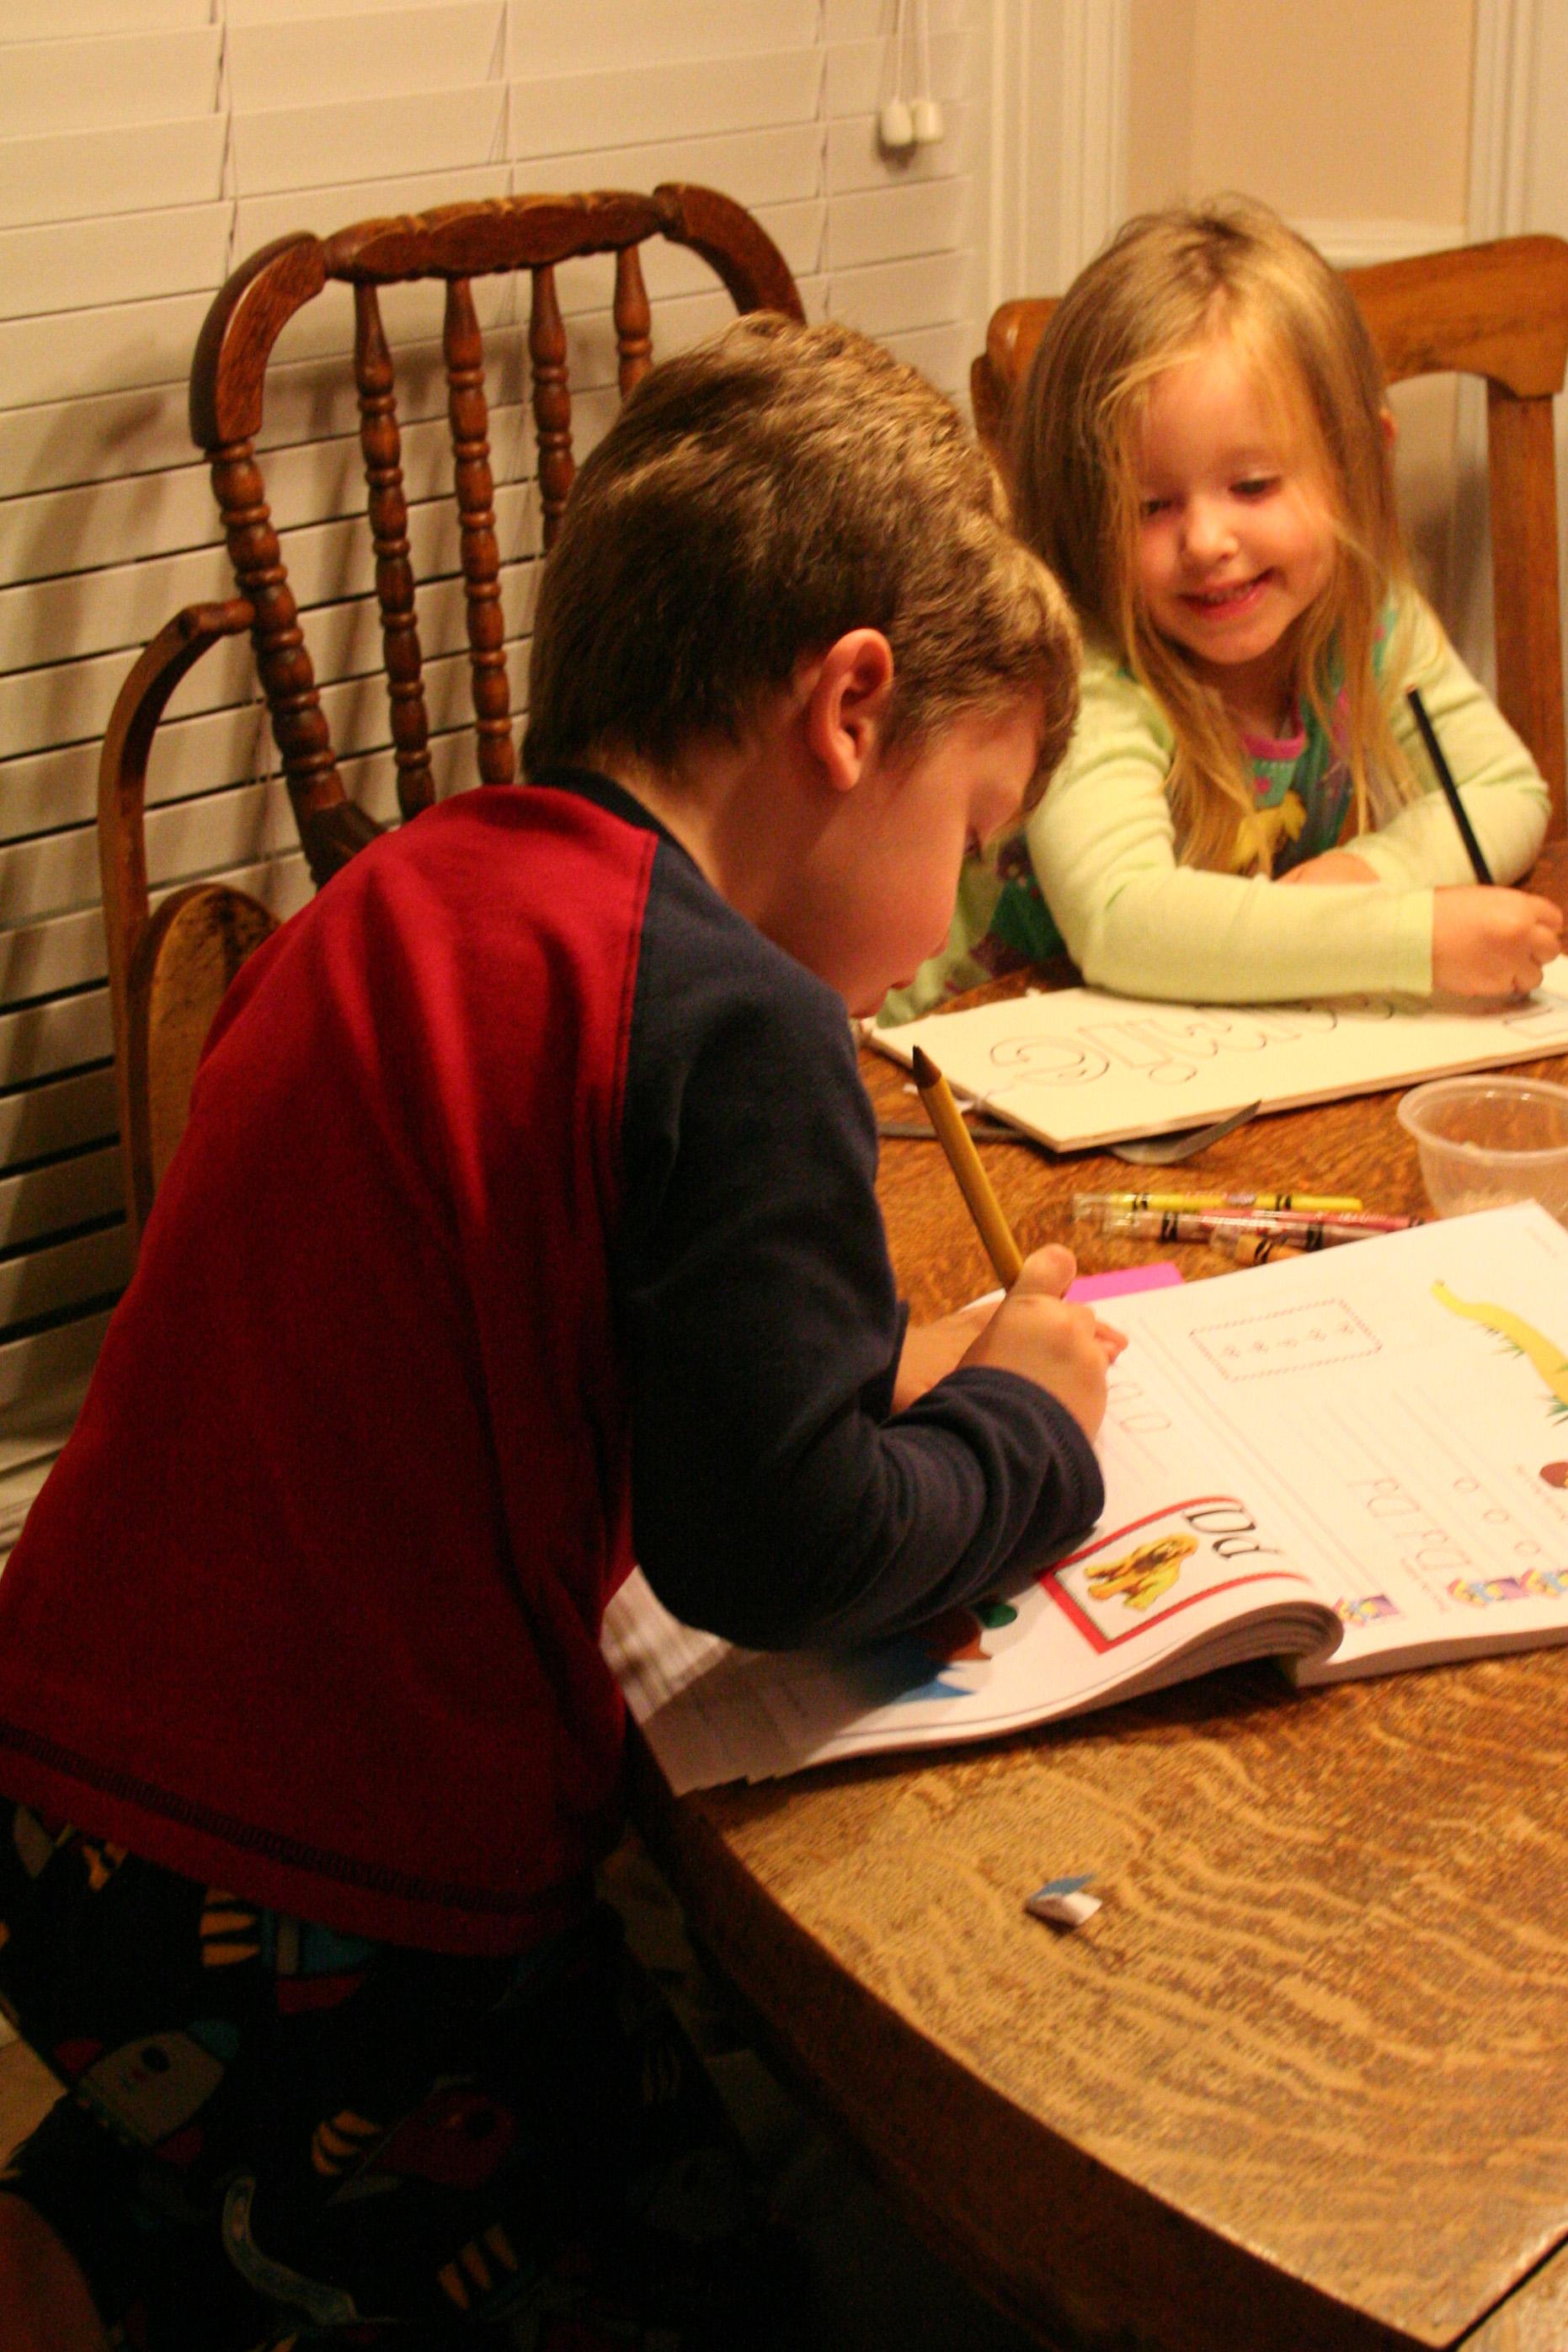 Nov 8, 2009 - homework